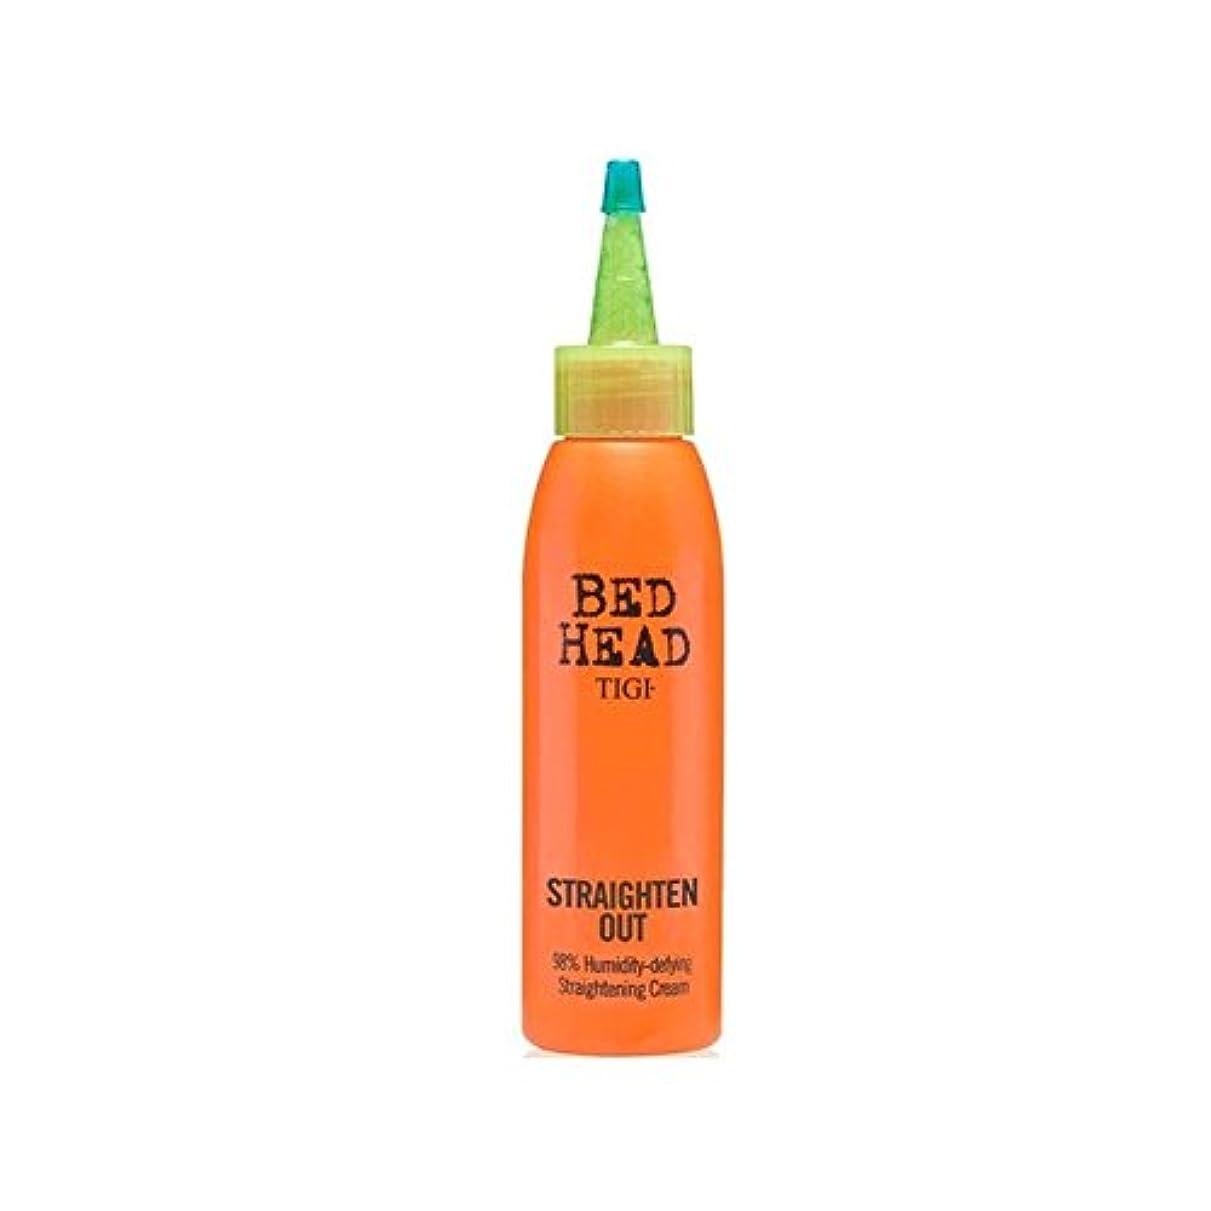 哀れな鑑定品種Tigi Bed Head Straighten Out Straightening Cream (120ml) (Pack of 6) - ティジーベッドヘッド矯正クリーム(120ミリリットル)をまっすぐ x6 [並行輸入品]